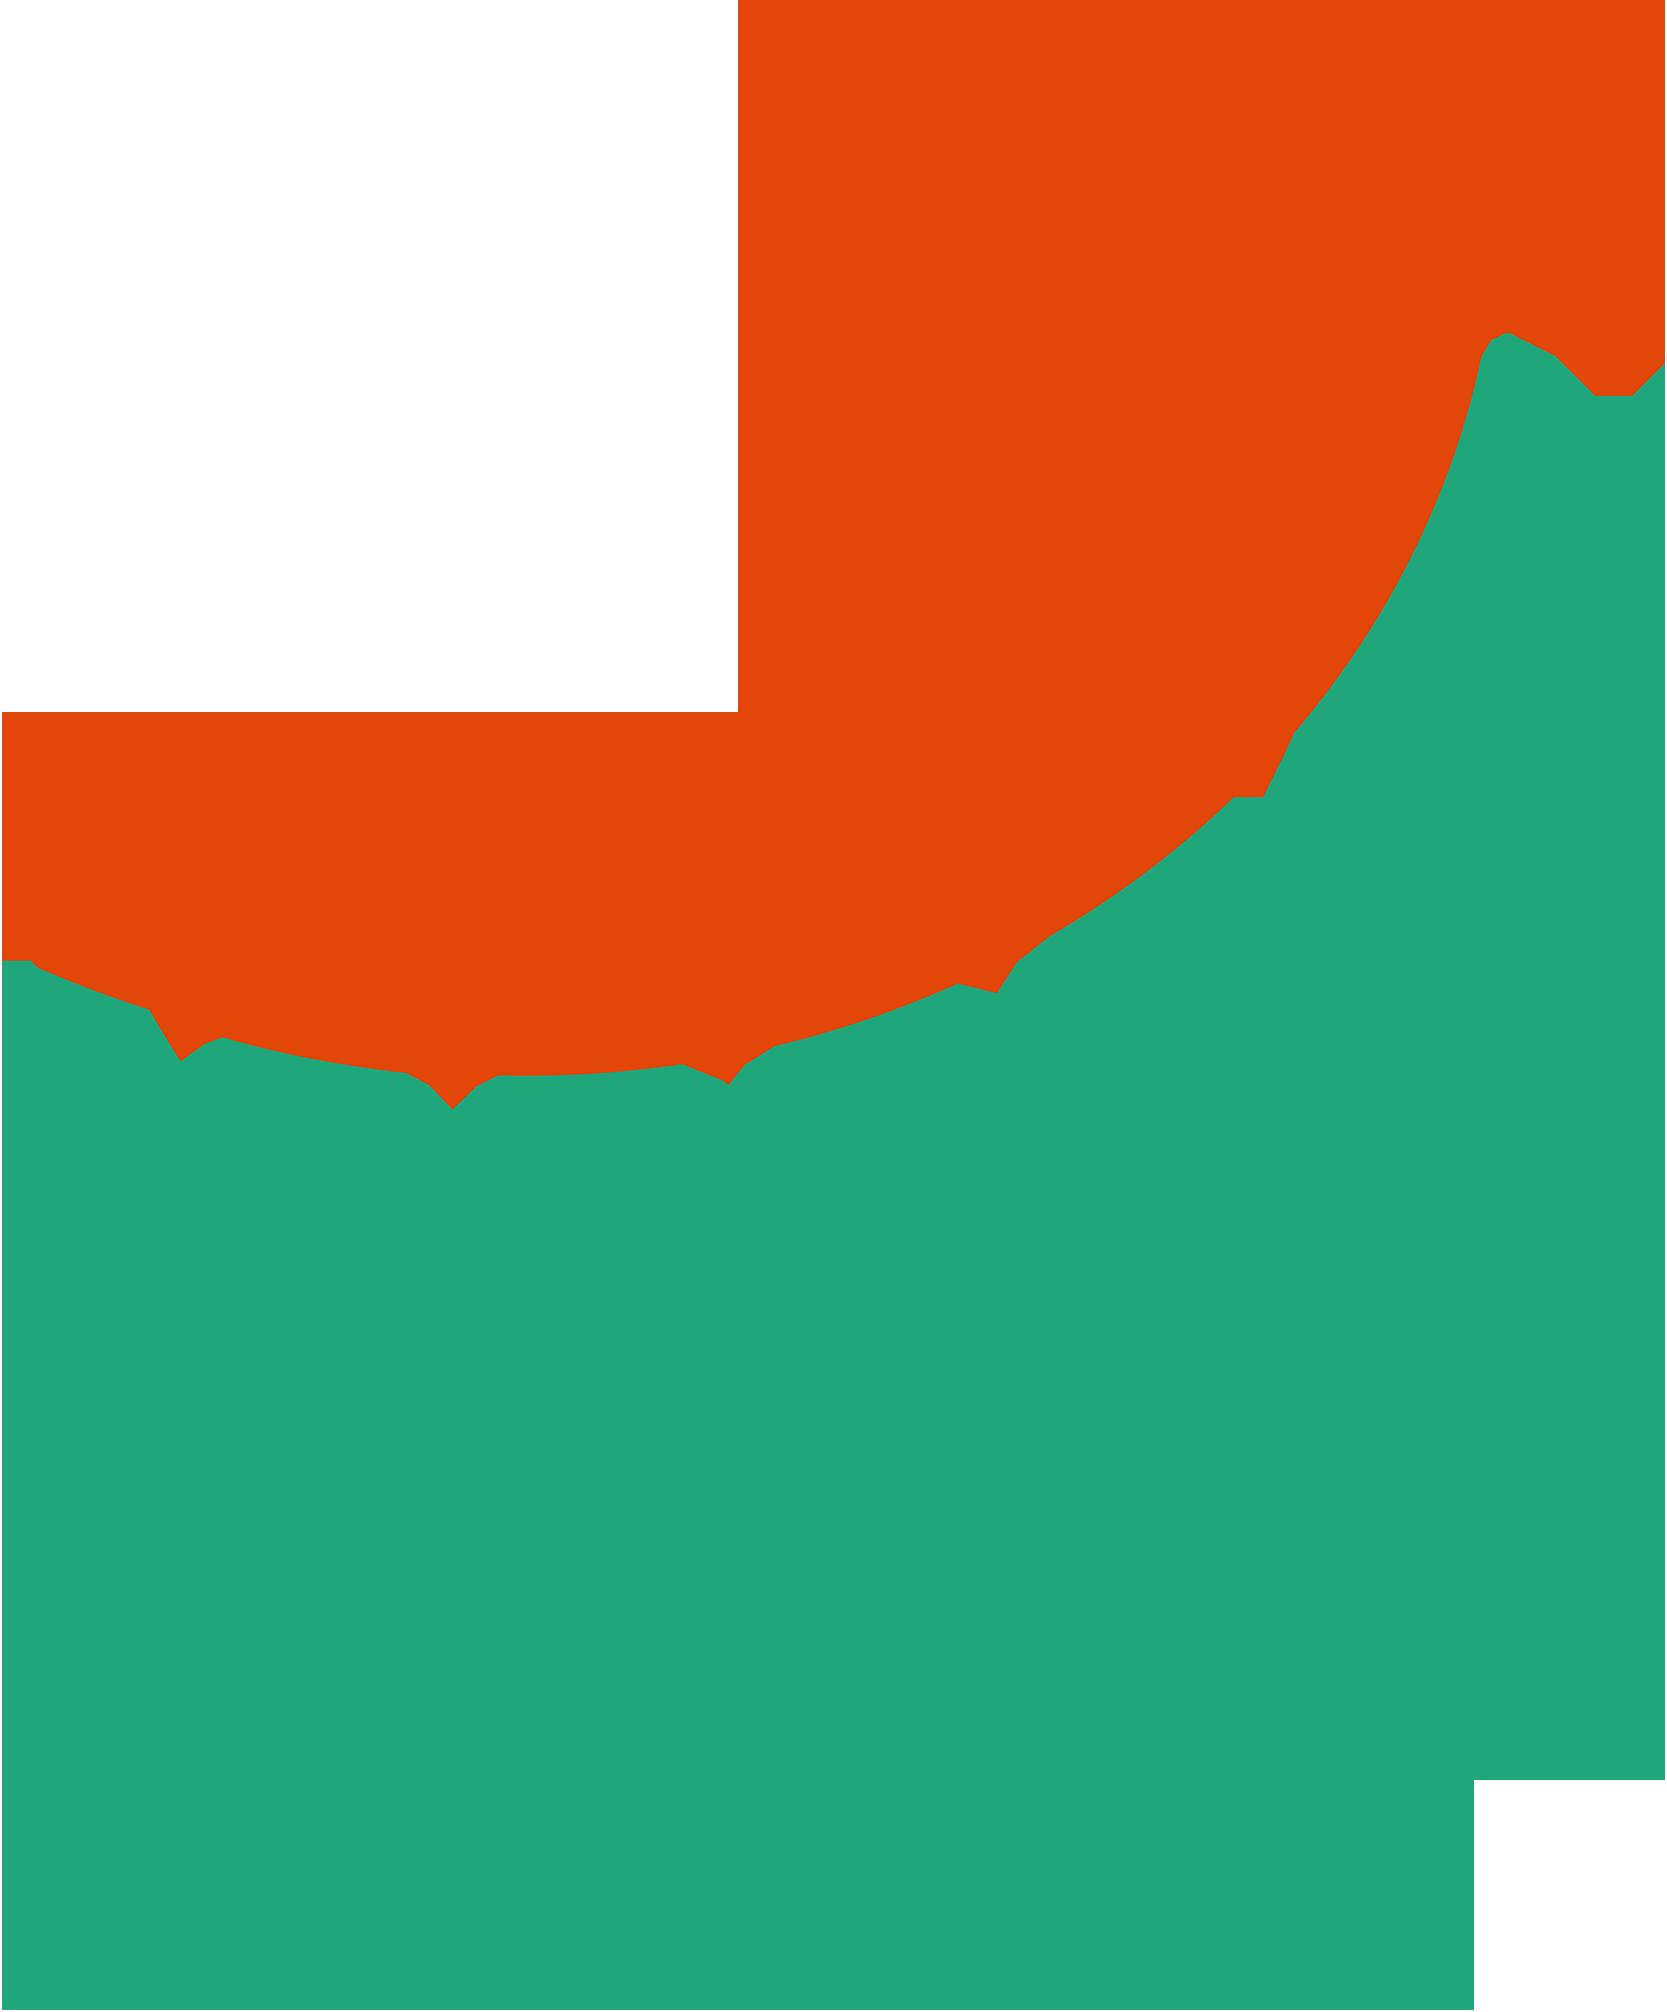 مجله اینترنتی بانک اطلاعات تجاری تولیدکنندگان و بازرگانان کالاهای با کیفیت